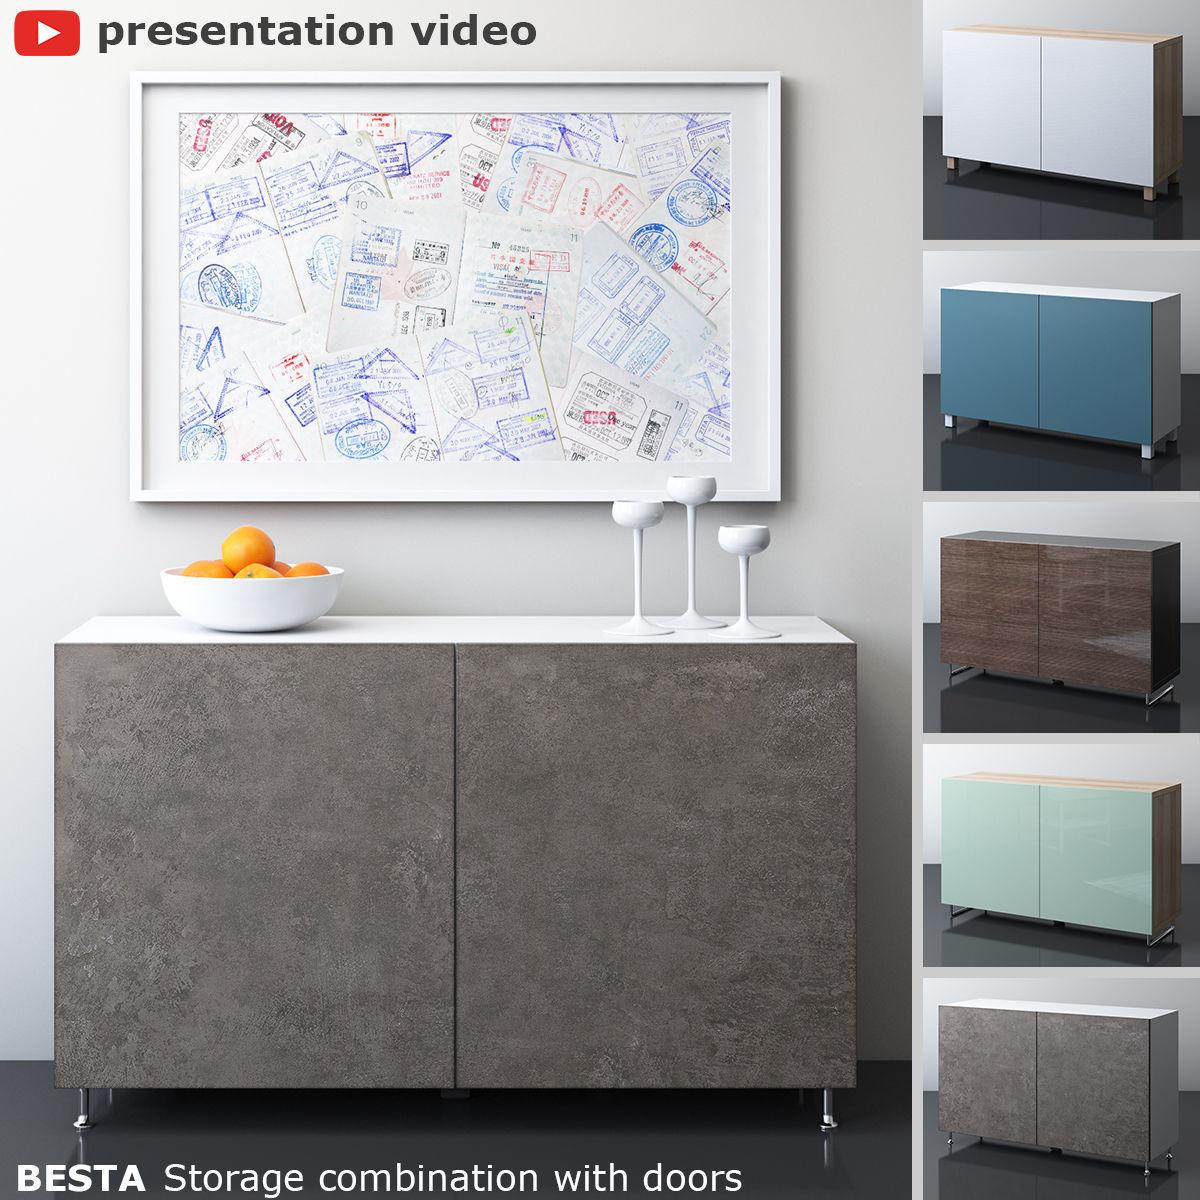 BESTA Storage combination with two doors